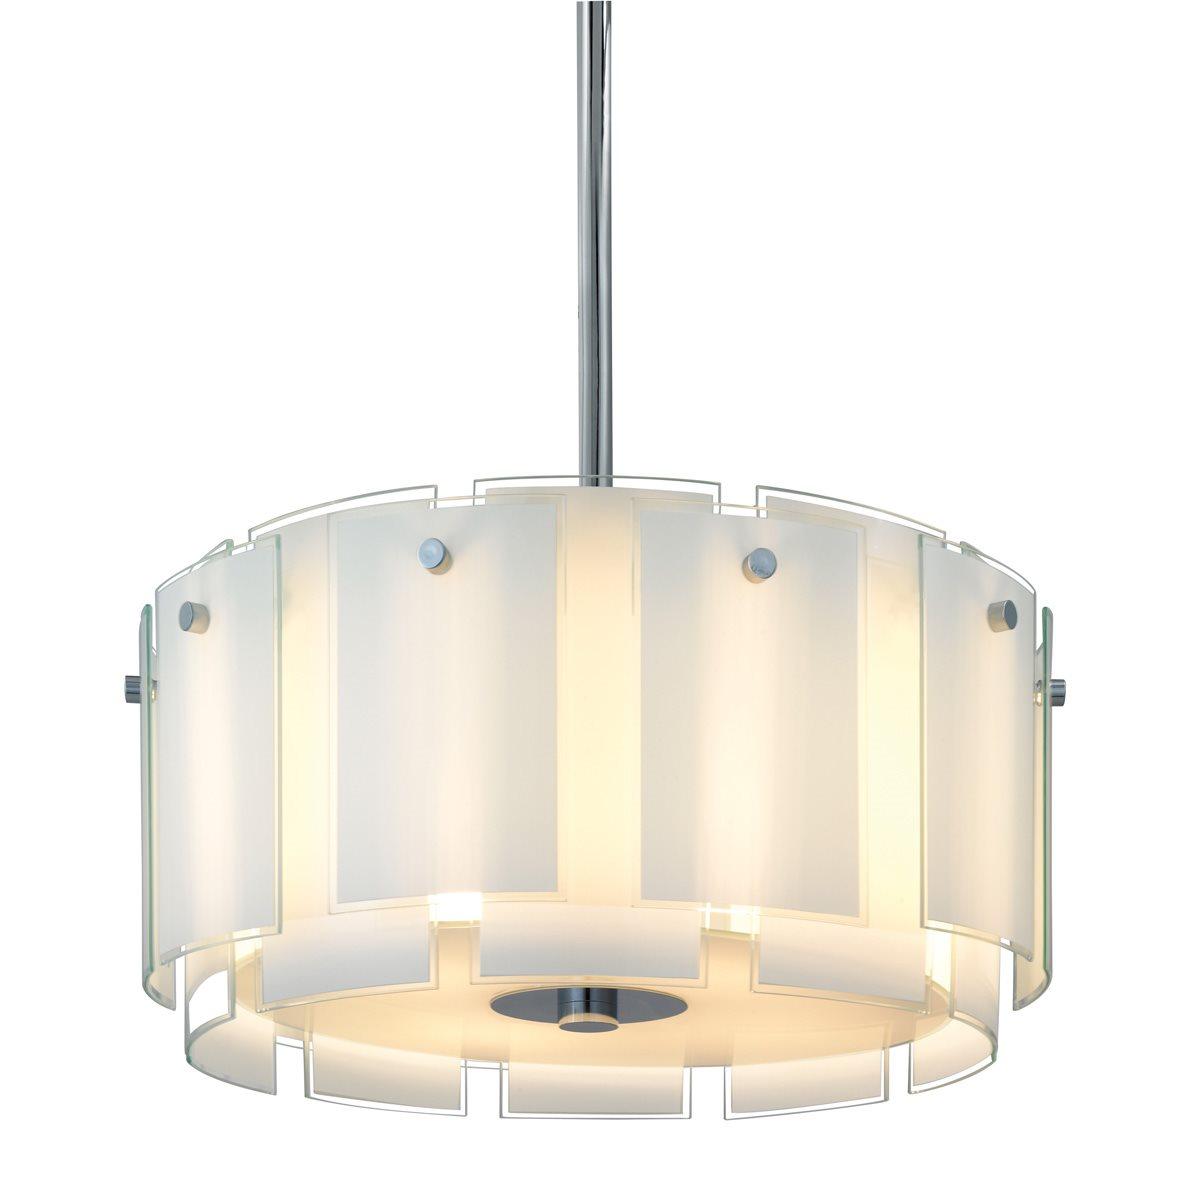 Sonneman lighting velo contemporary pendant light for Sonneman lighting